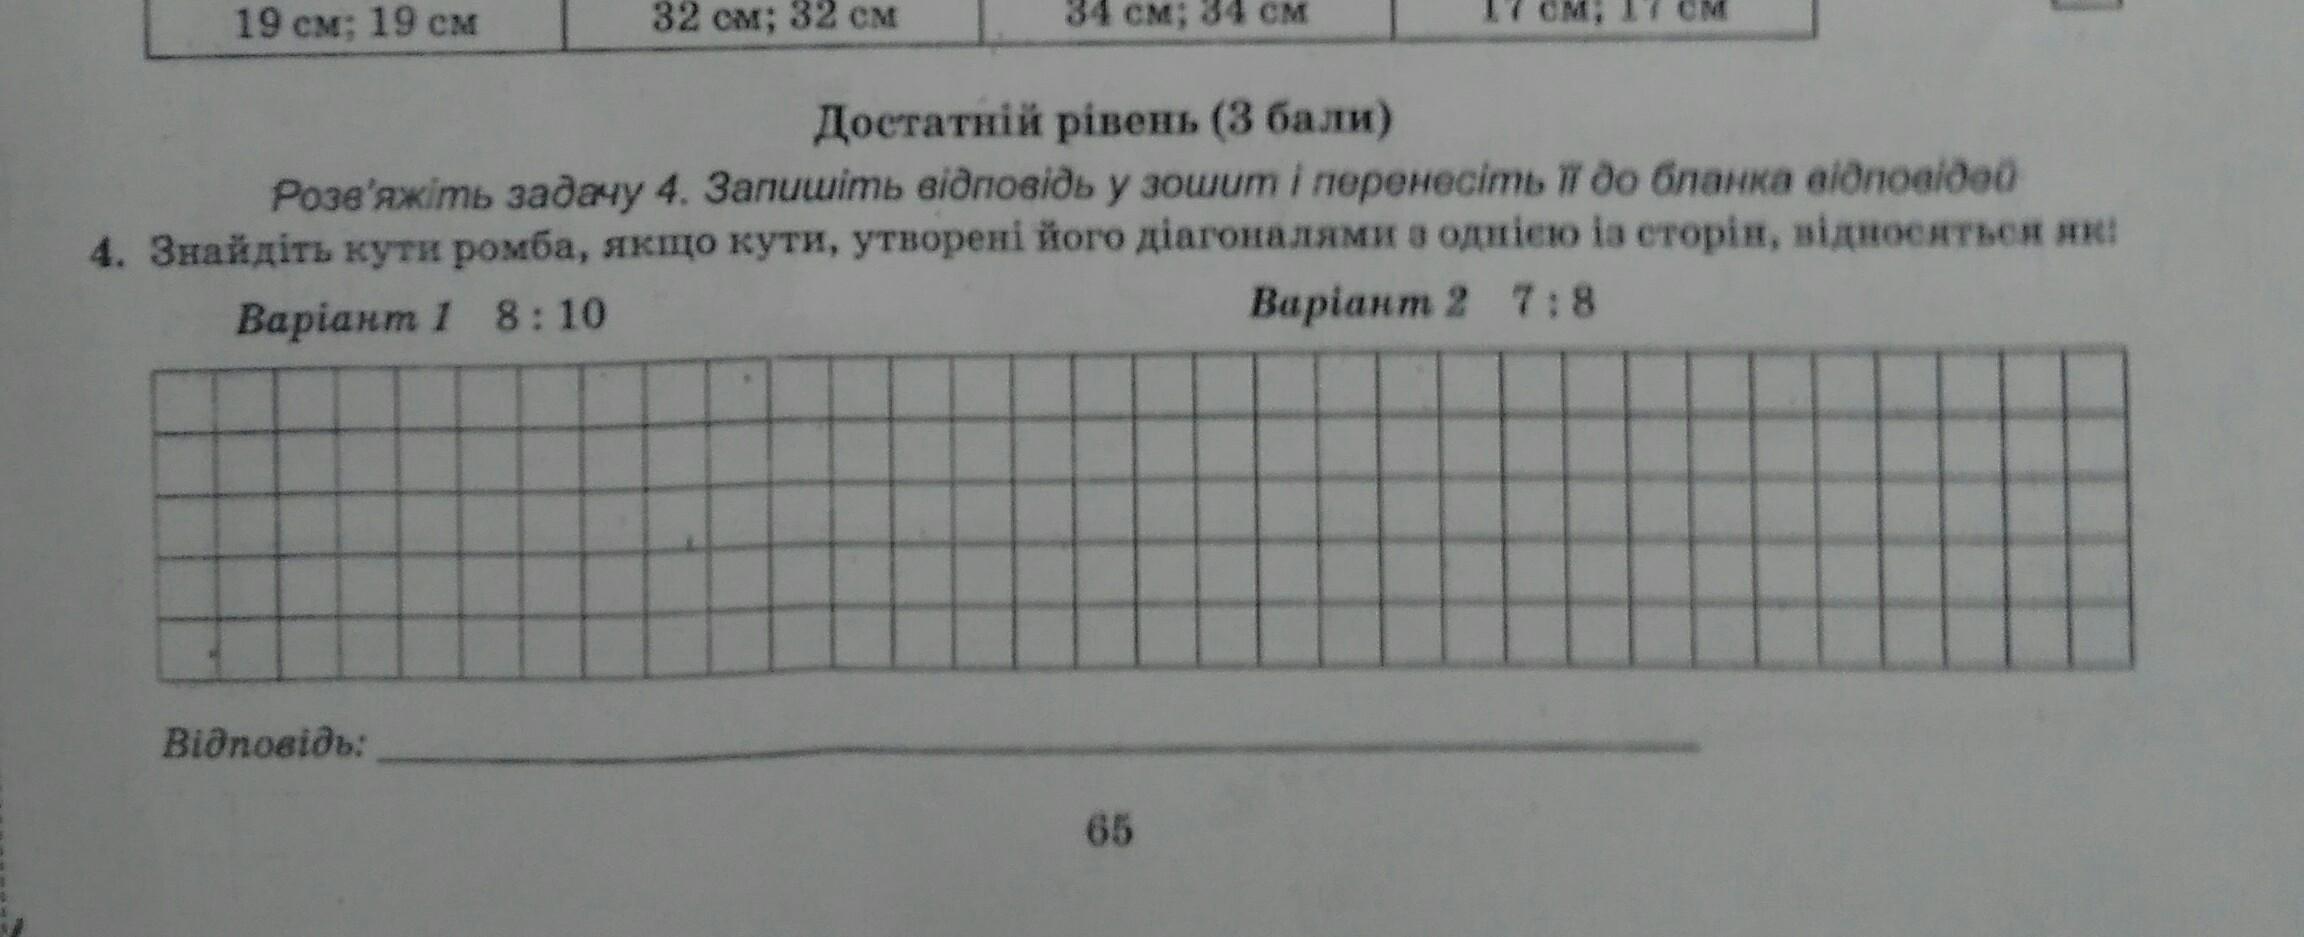 Знайдіть кути ромба якщо кути утворені його діагоналями відосяться як 7:8